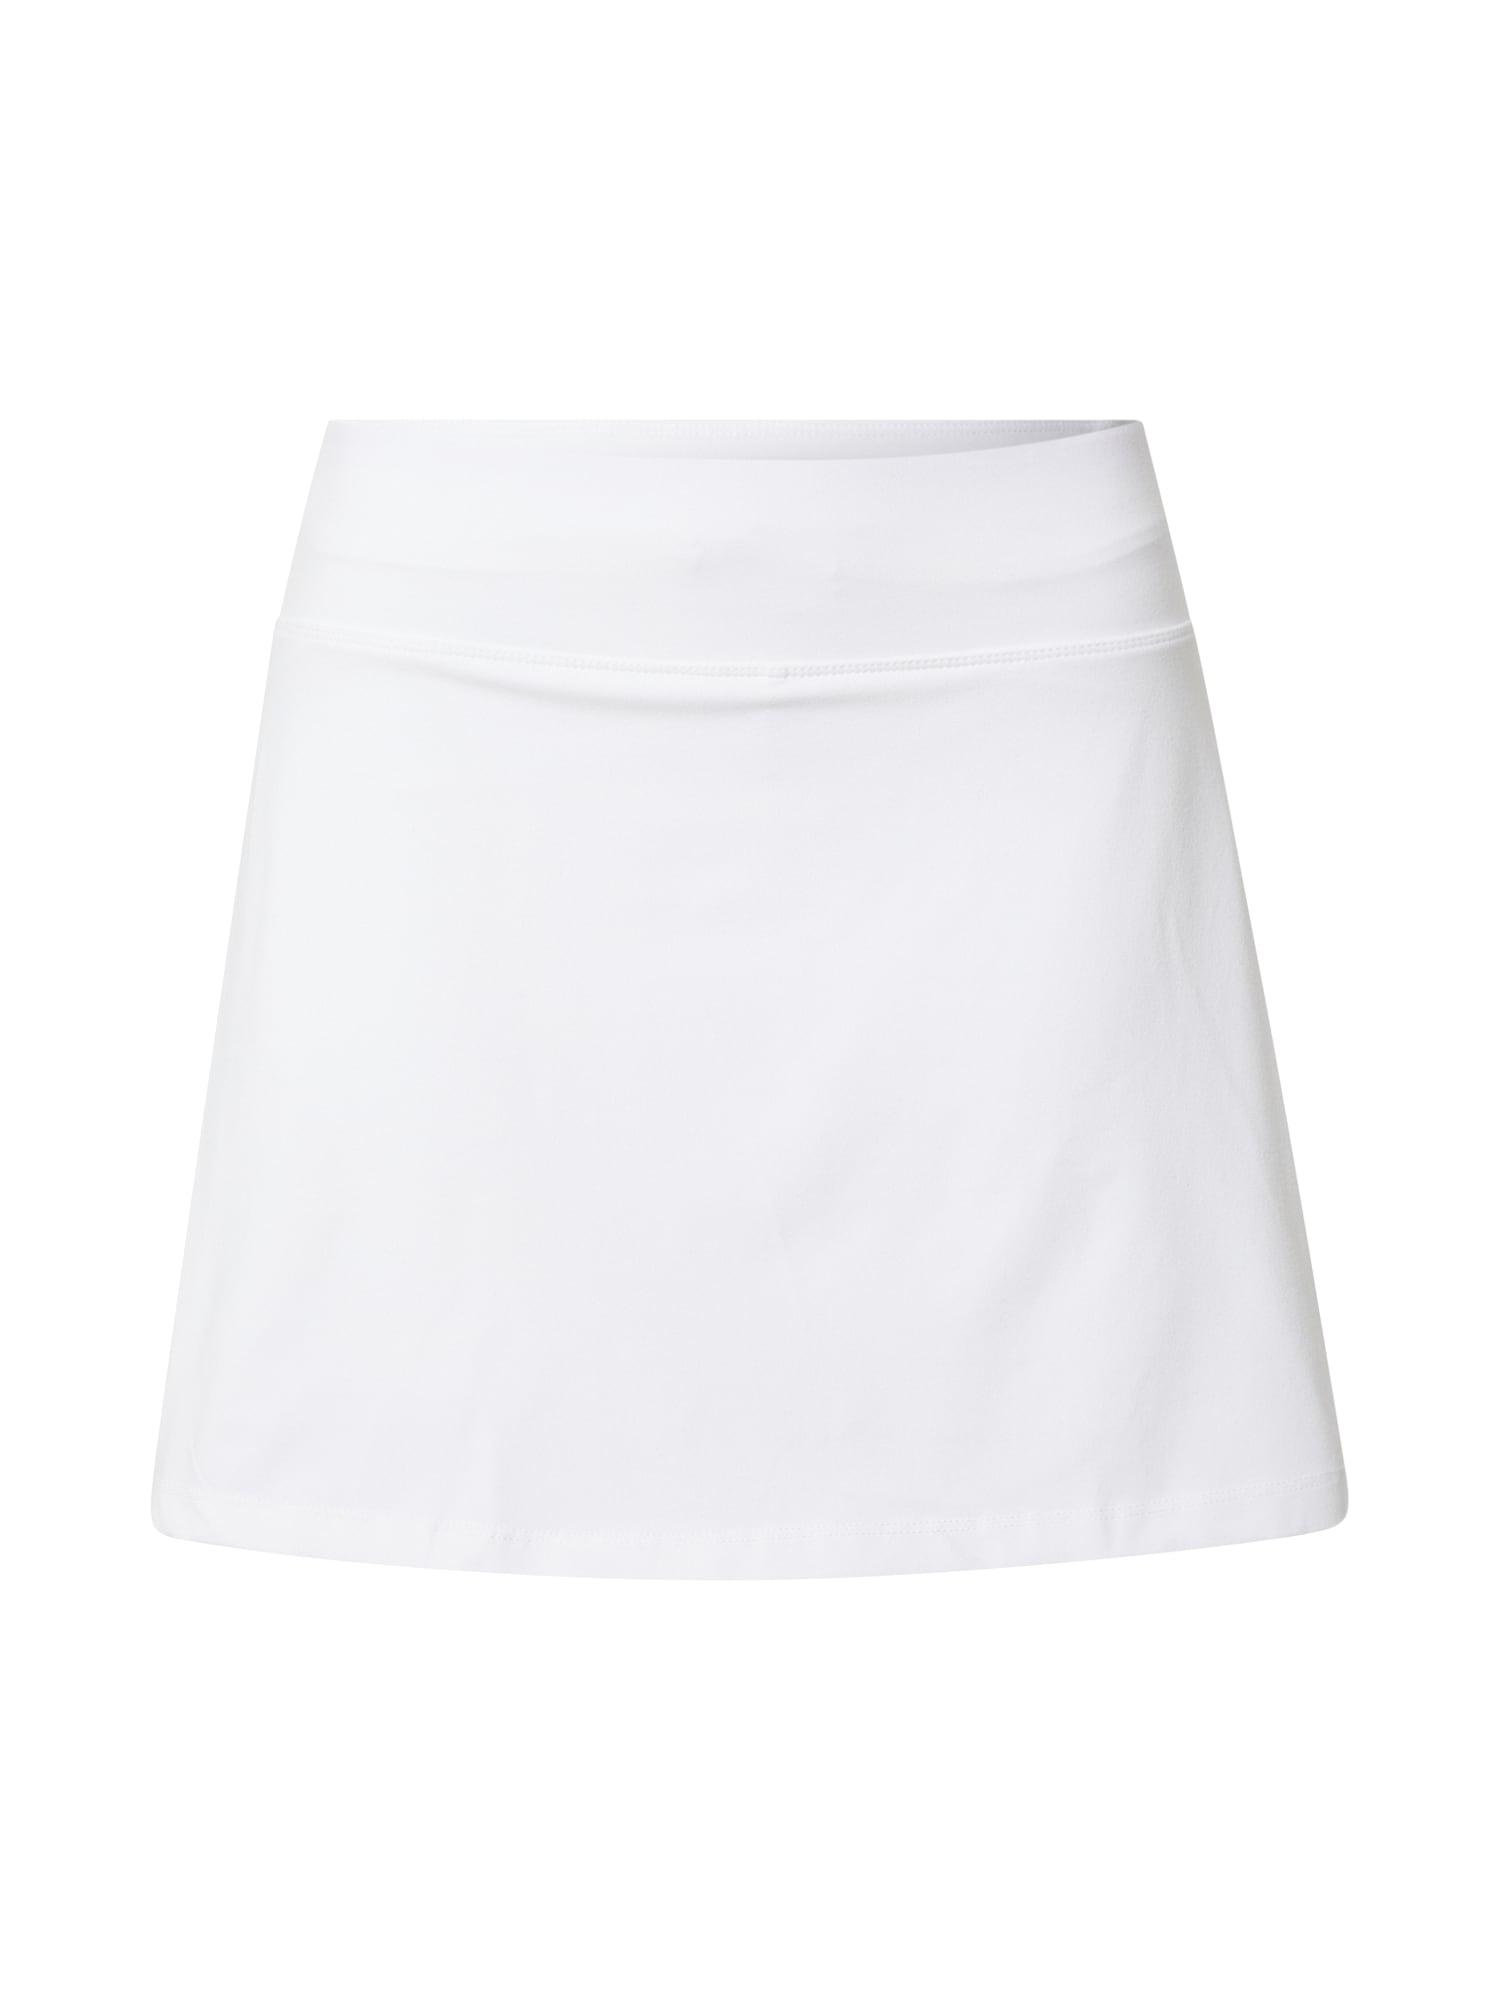 ESPRIT SPORT Sportinio stiliaus sijonas balta